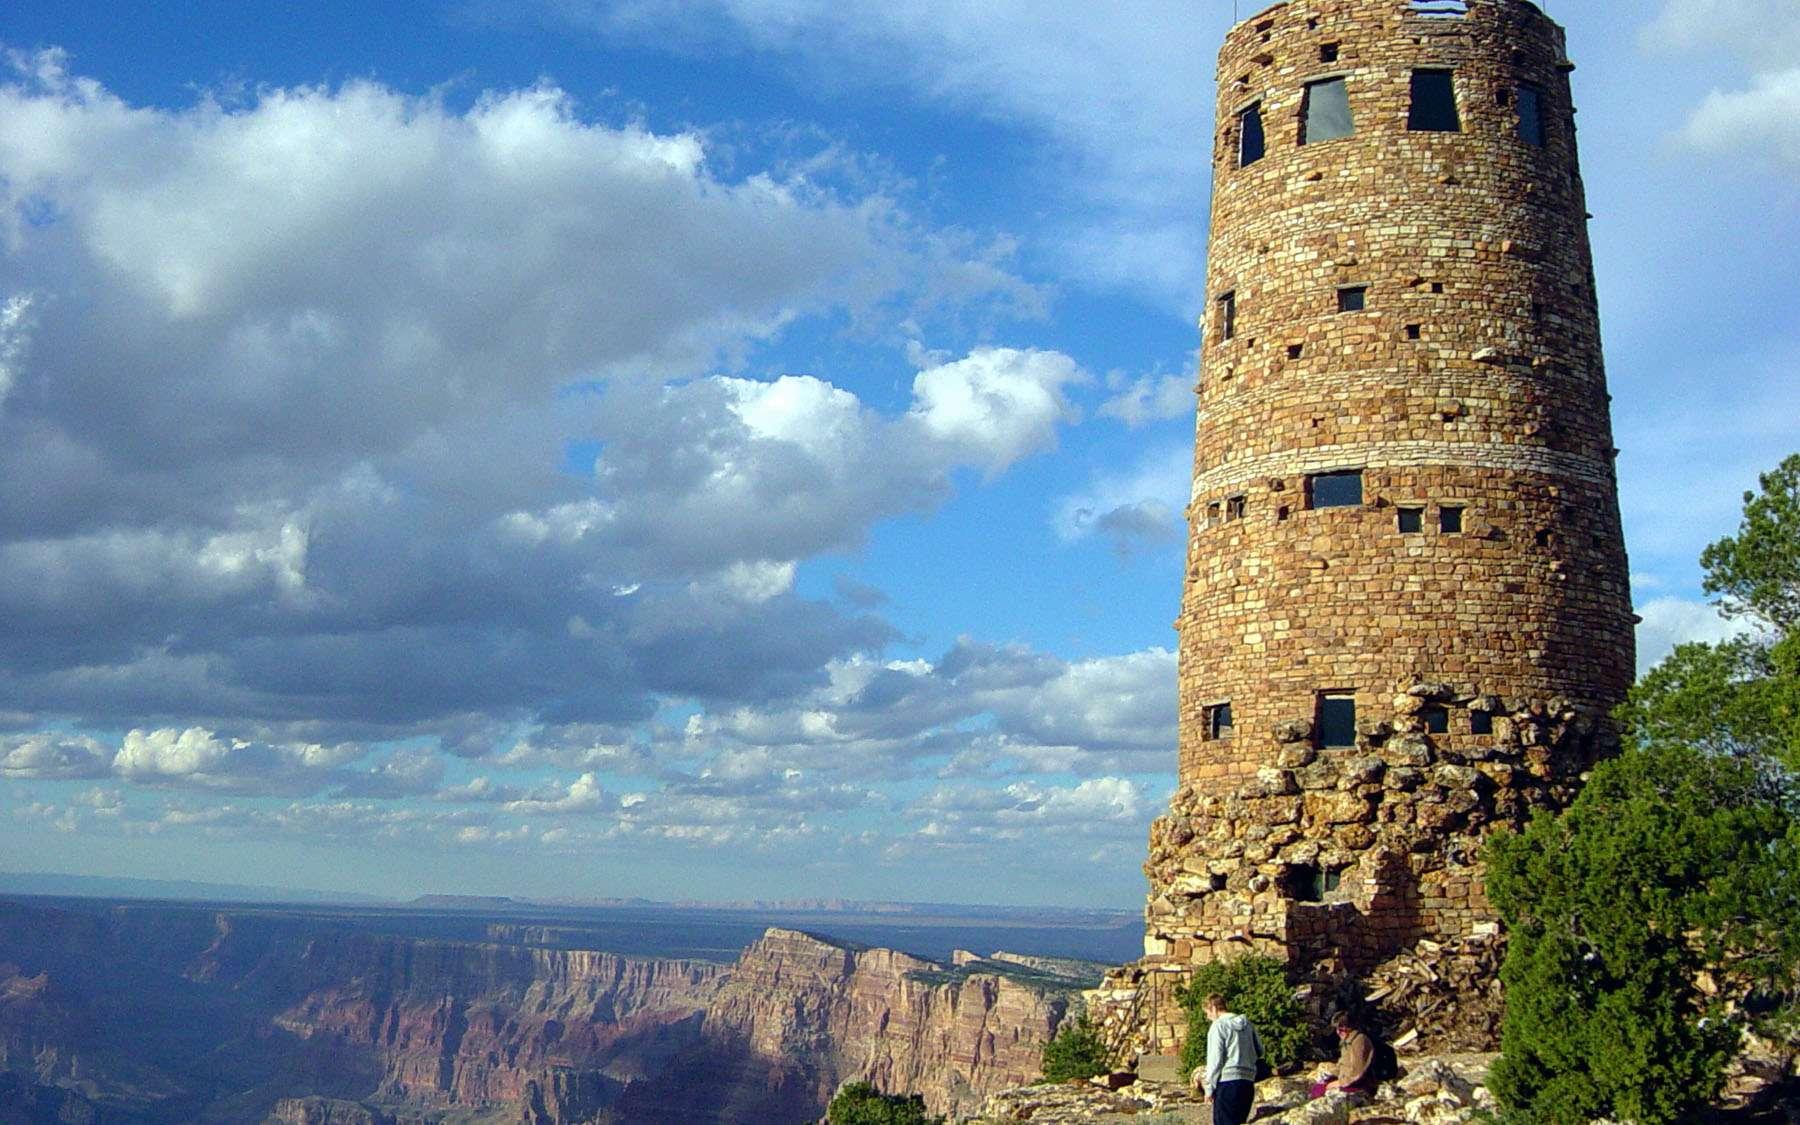 Il existe 59 parcs nationaux aux États-Unis. © Michael Quinn, Wikimedia Commons, cc by 2.0